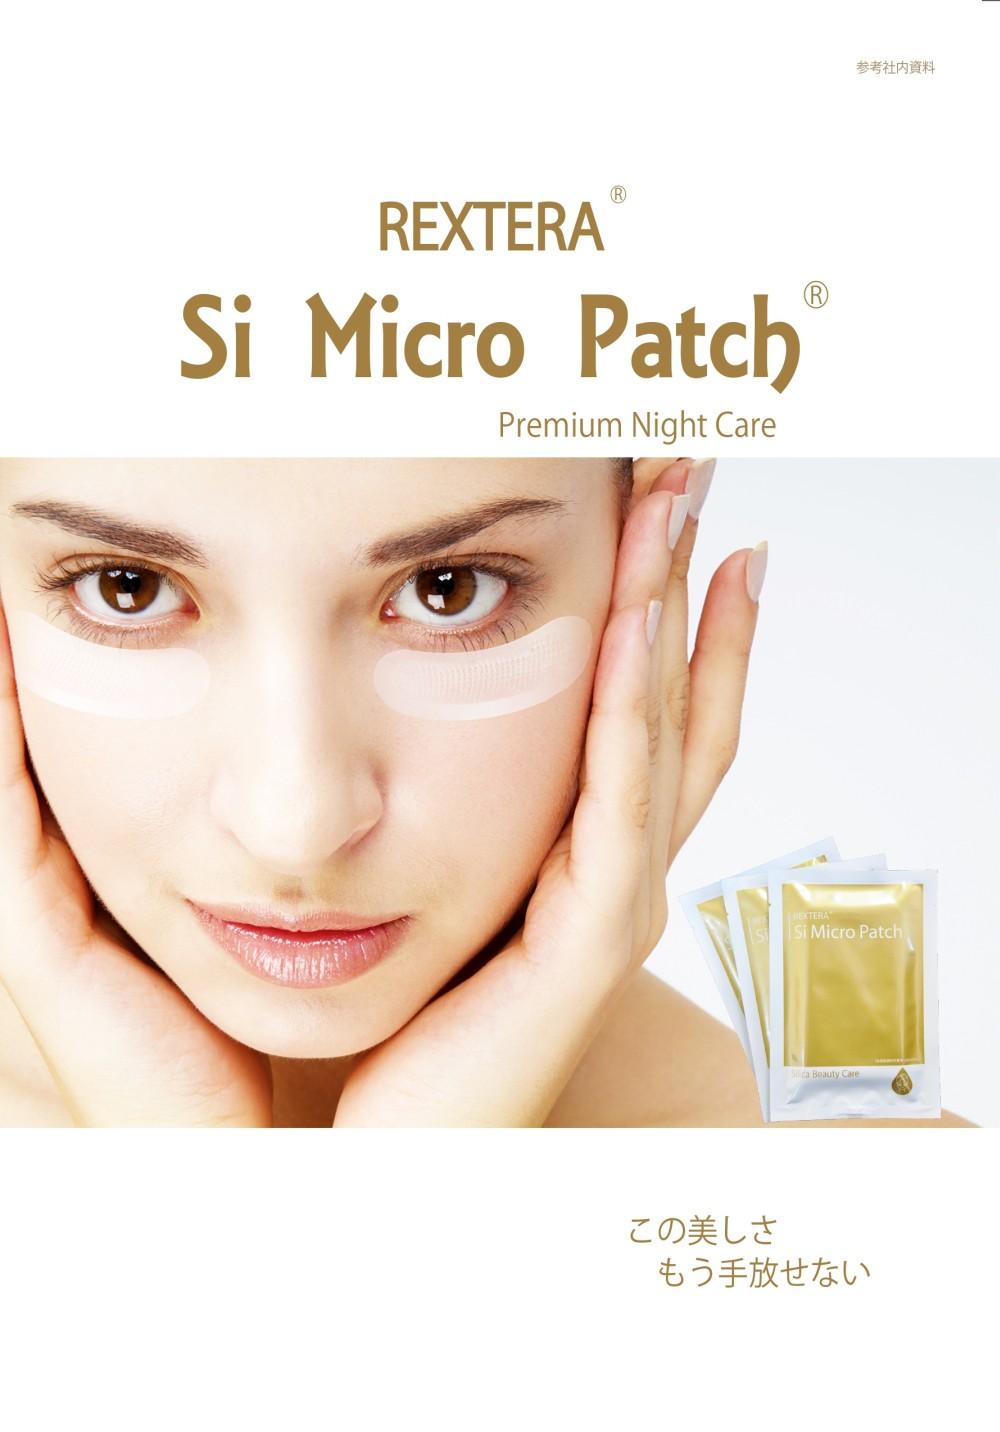 【世界初】【貼って寝るだけ】レクステラ シリカマイクロパッチ Si Micro Patch